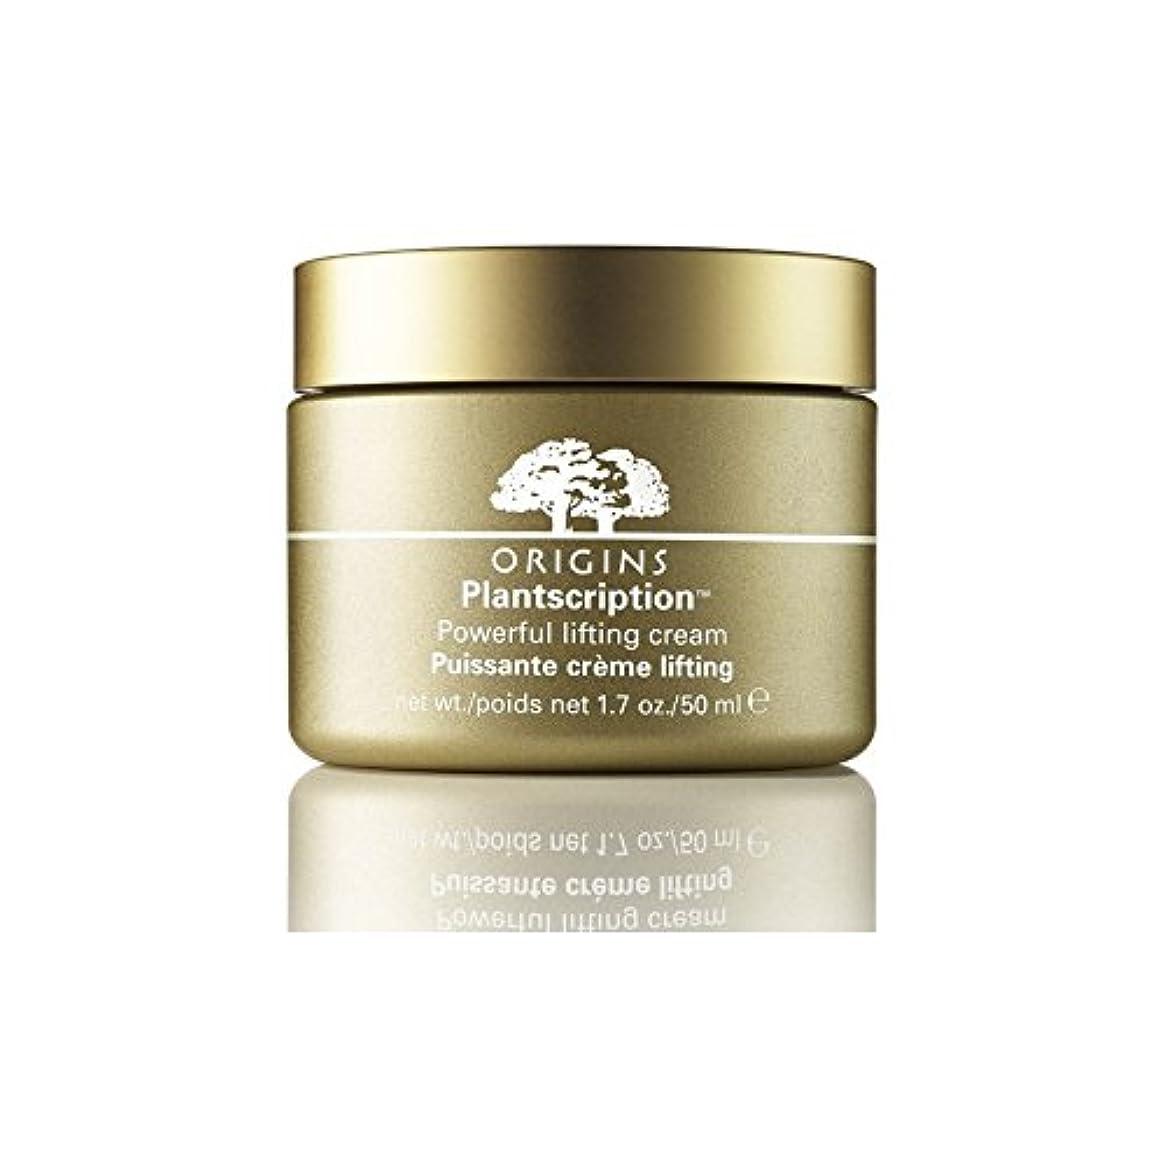 健全厚い小道具Origins Plantscription Powerful Lifting Cream 50ml (Pack of 6) - 起源強力なリフティングクリーム50 x6 [並行輸入品]